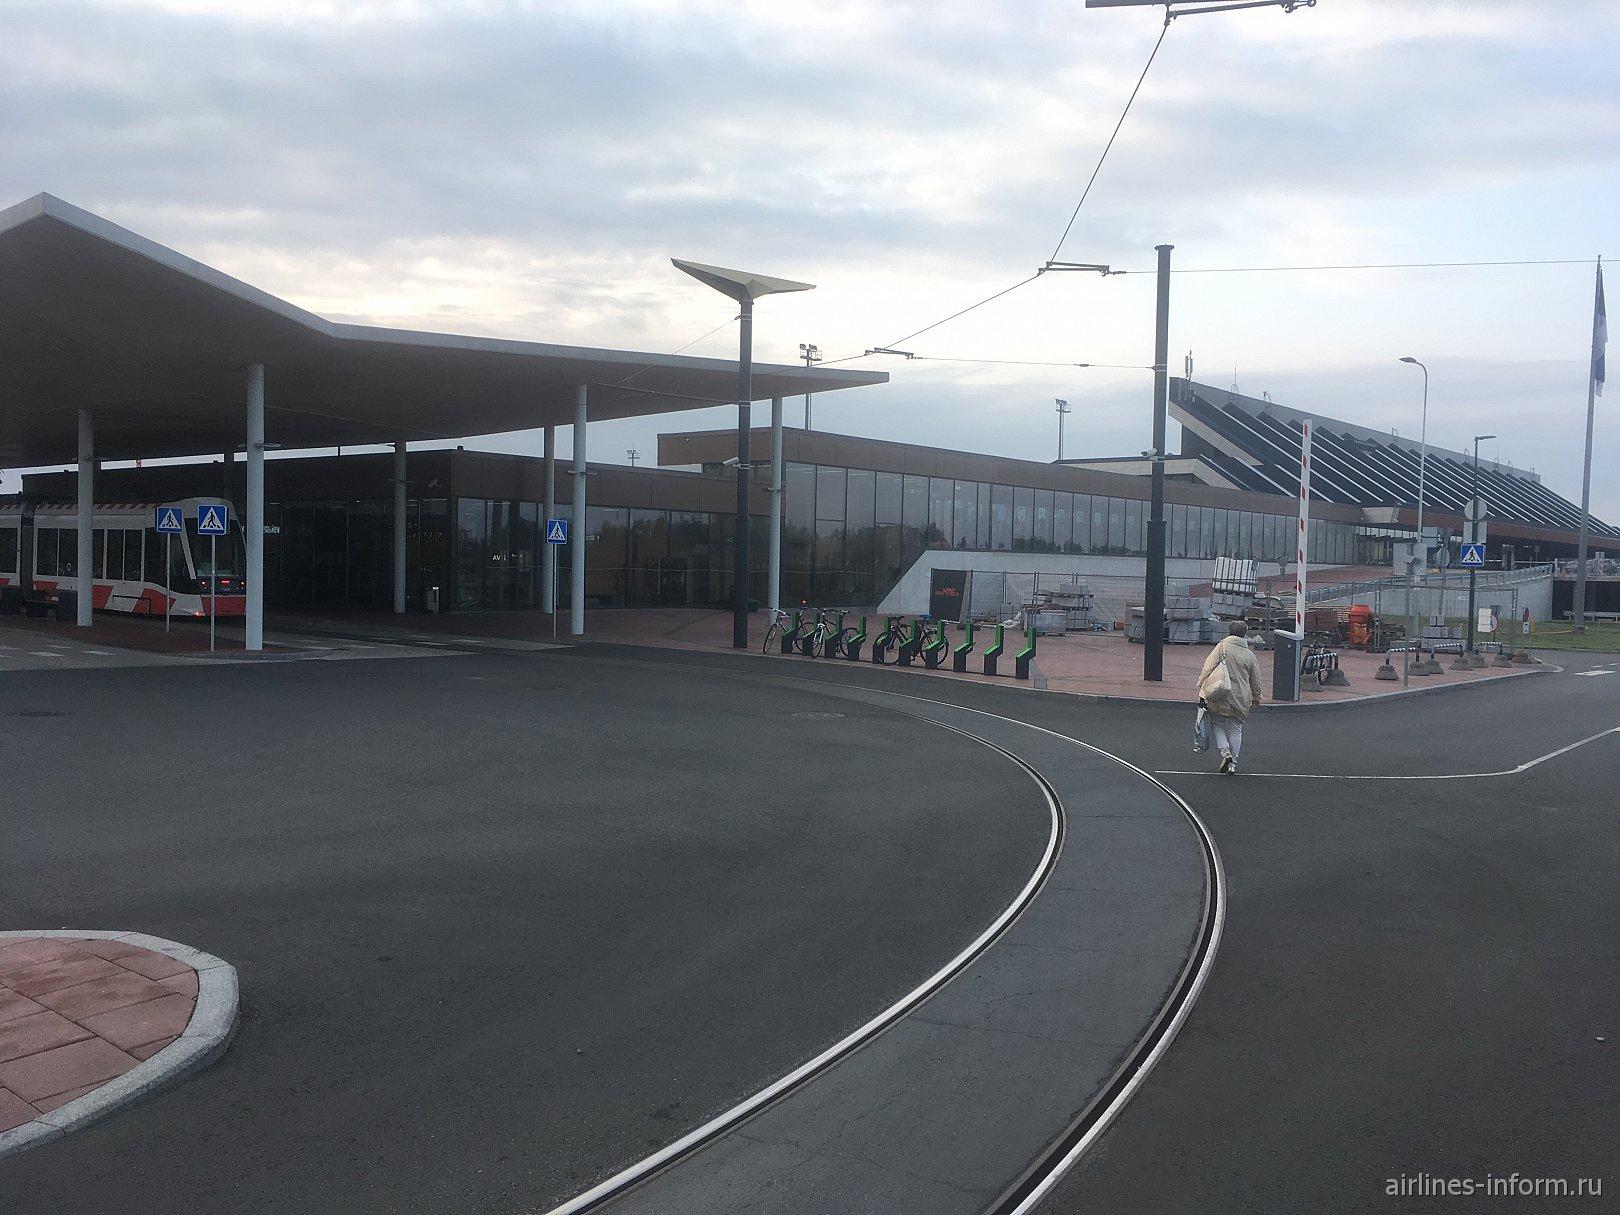 Трамвайная остановка с торца пассажирского терминала аэропорта Таллин